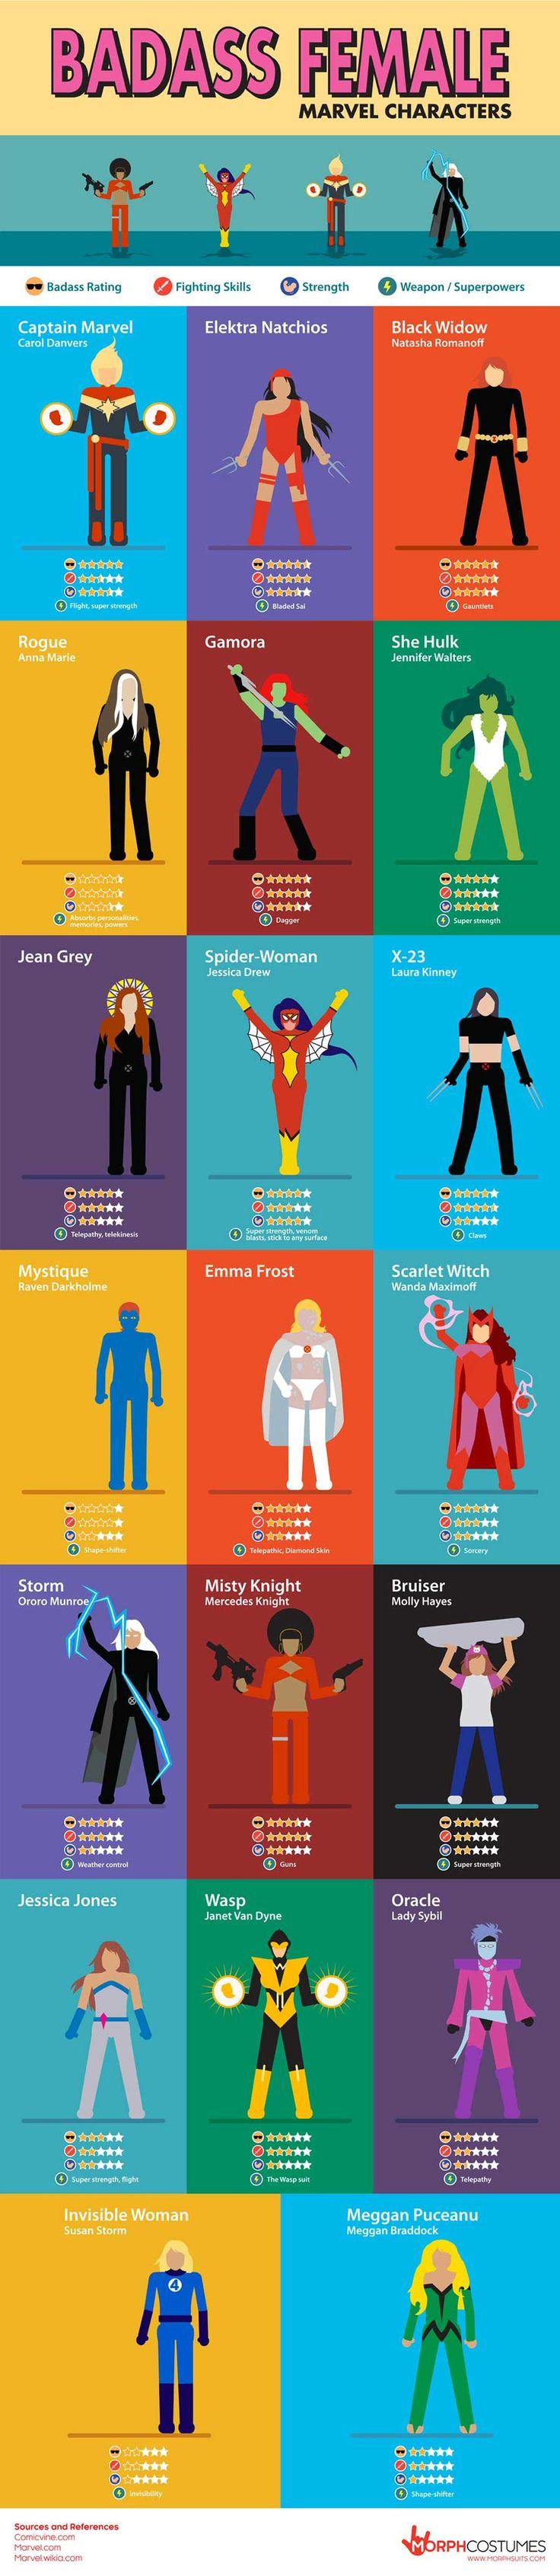 Tutte le eroine Marvel nell'infografica di Morphsuits.